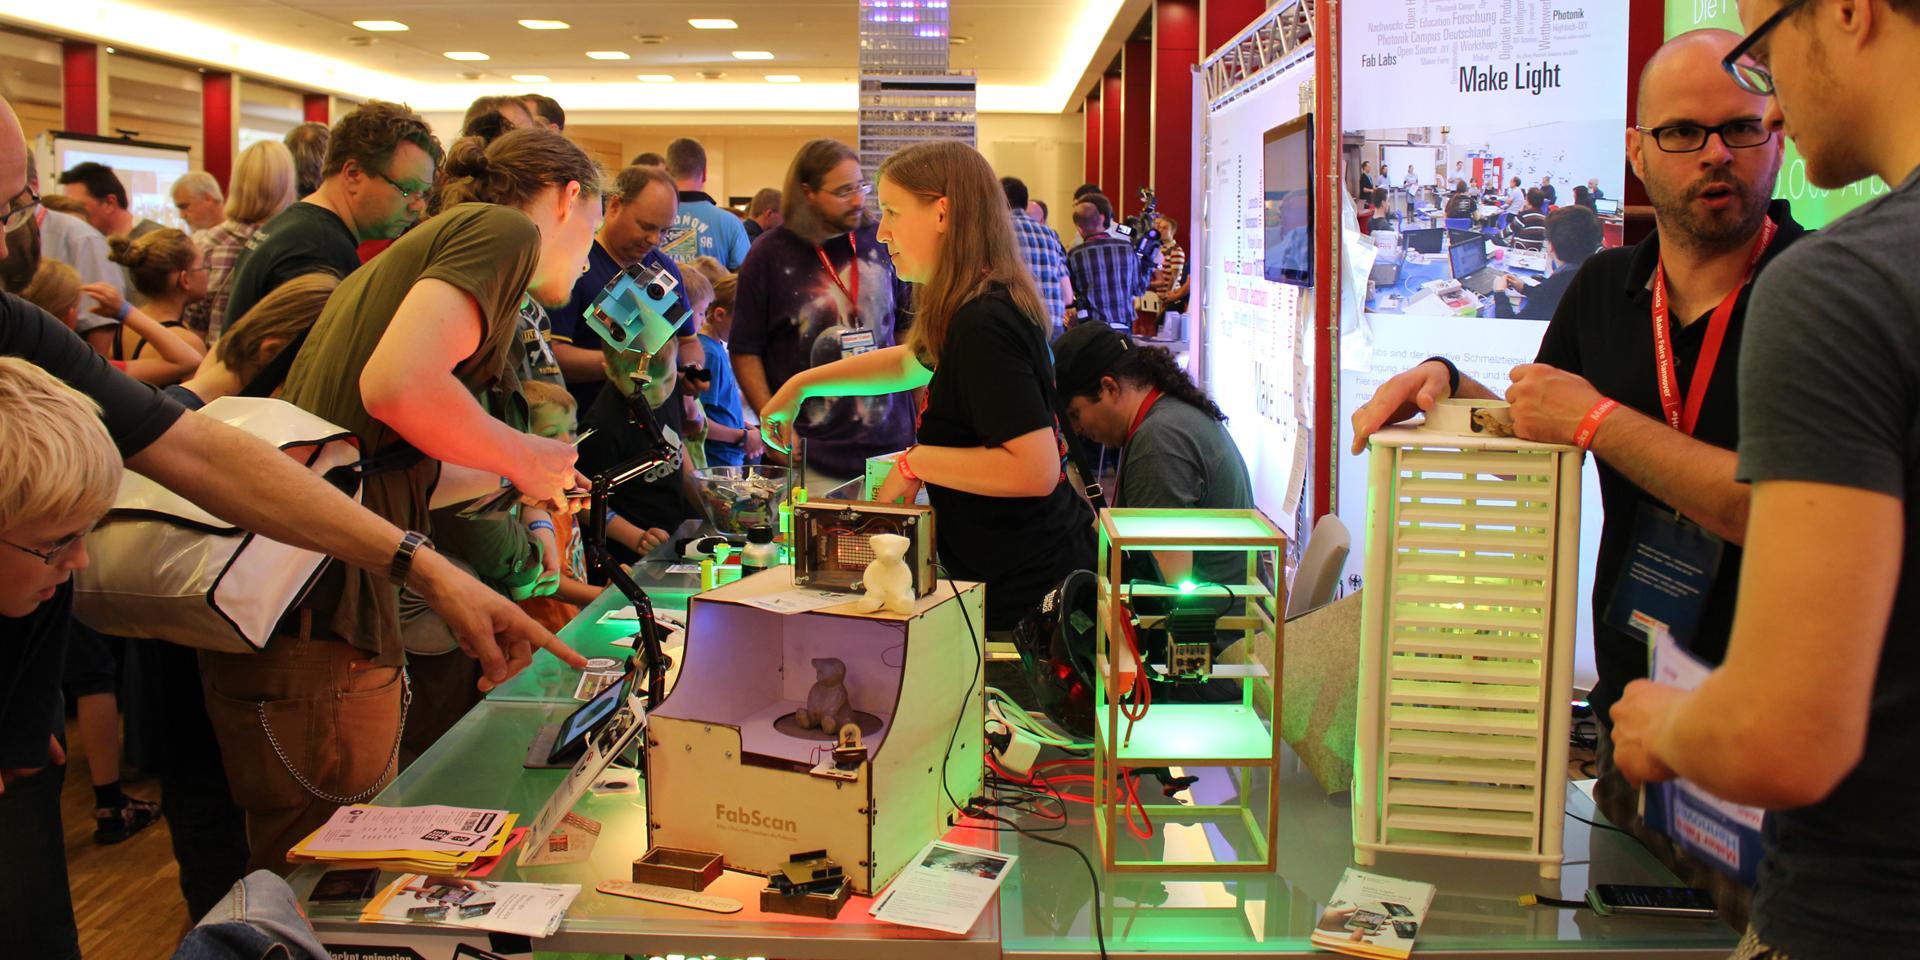 Menschen drängen sich um einen Tisch mit vielen leuchtenden elektronischen Dingen